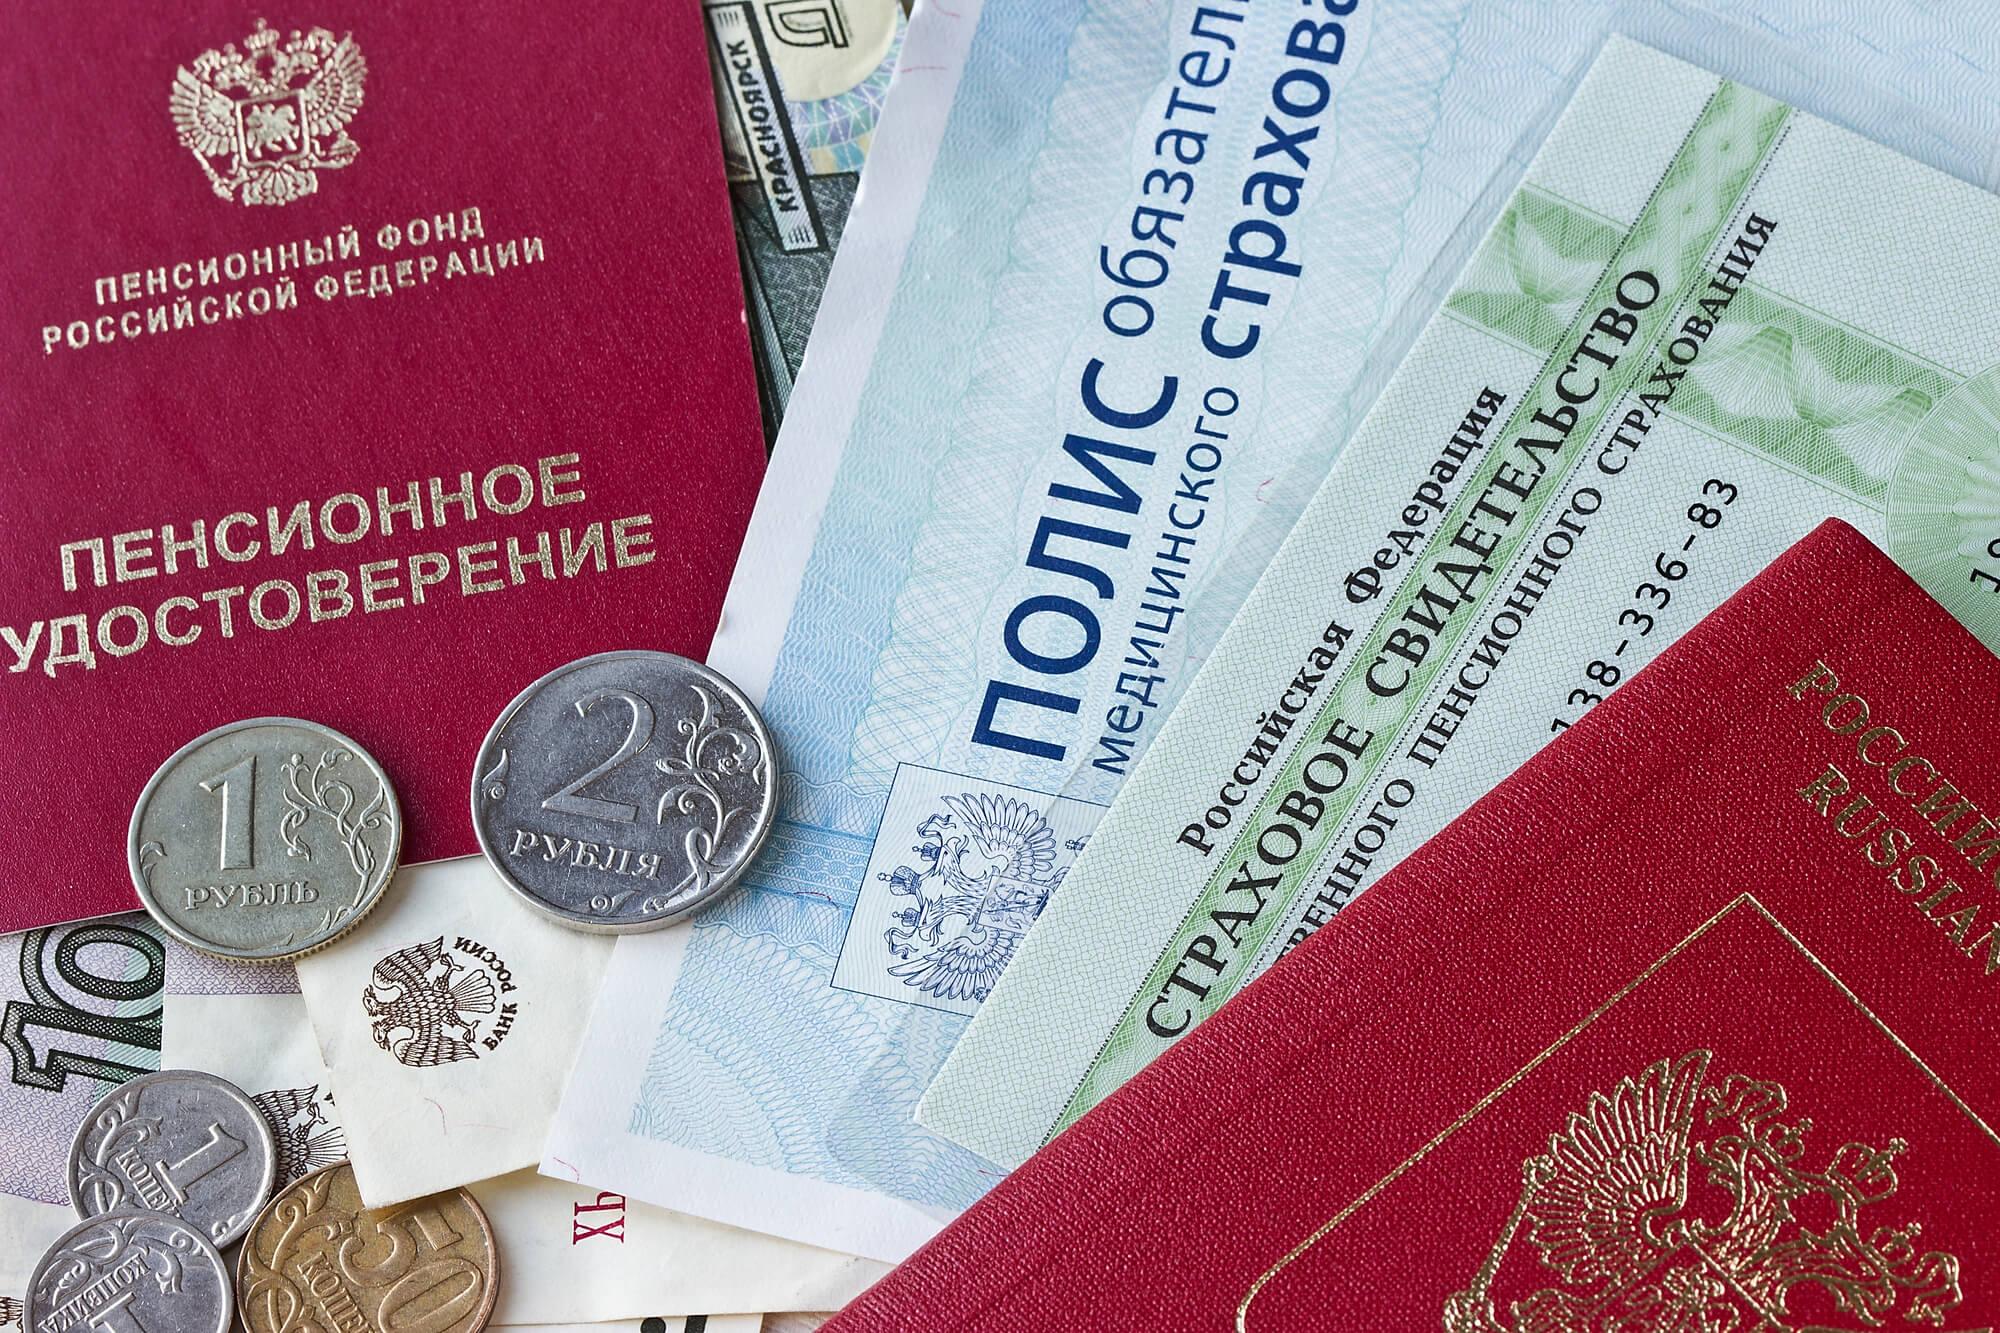 Где оформить страховое пенсионное свидетельство в Казани? Пенсионный фонд Казани.